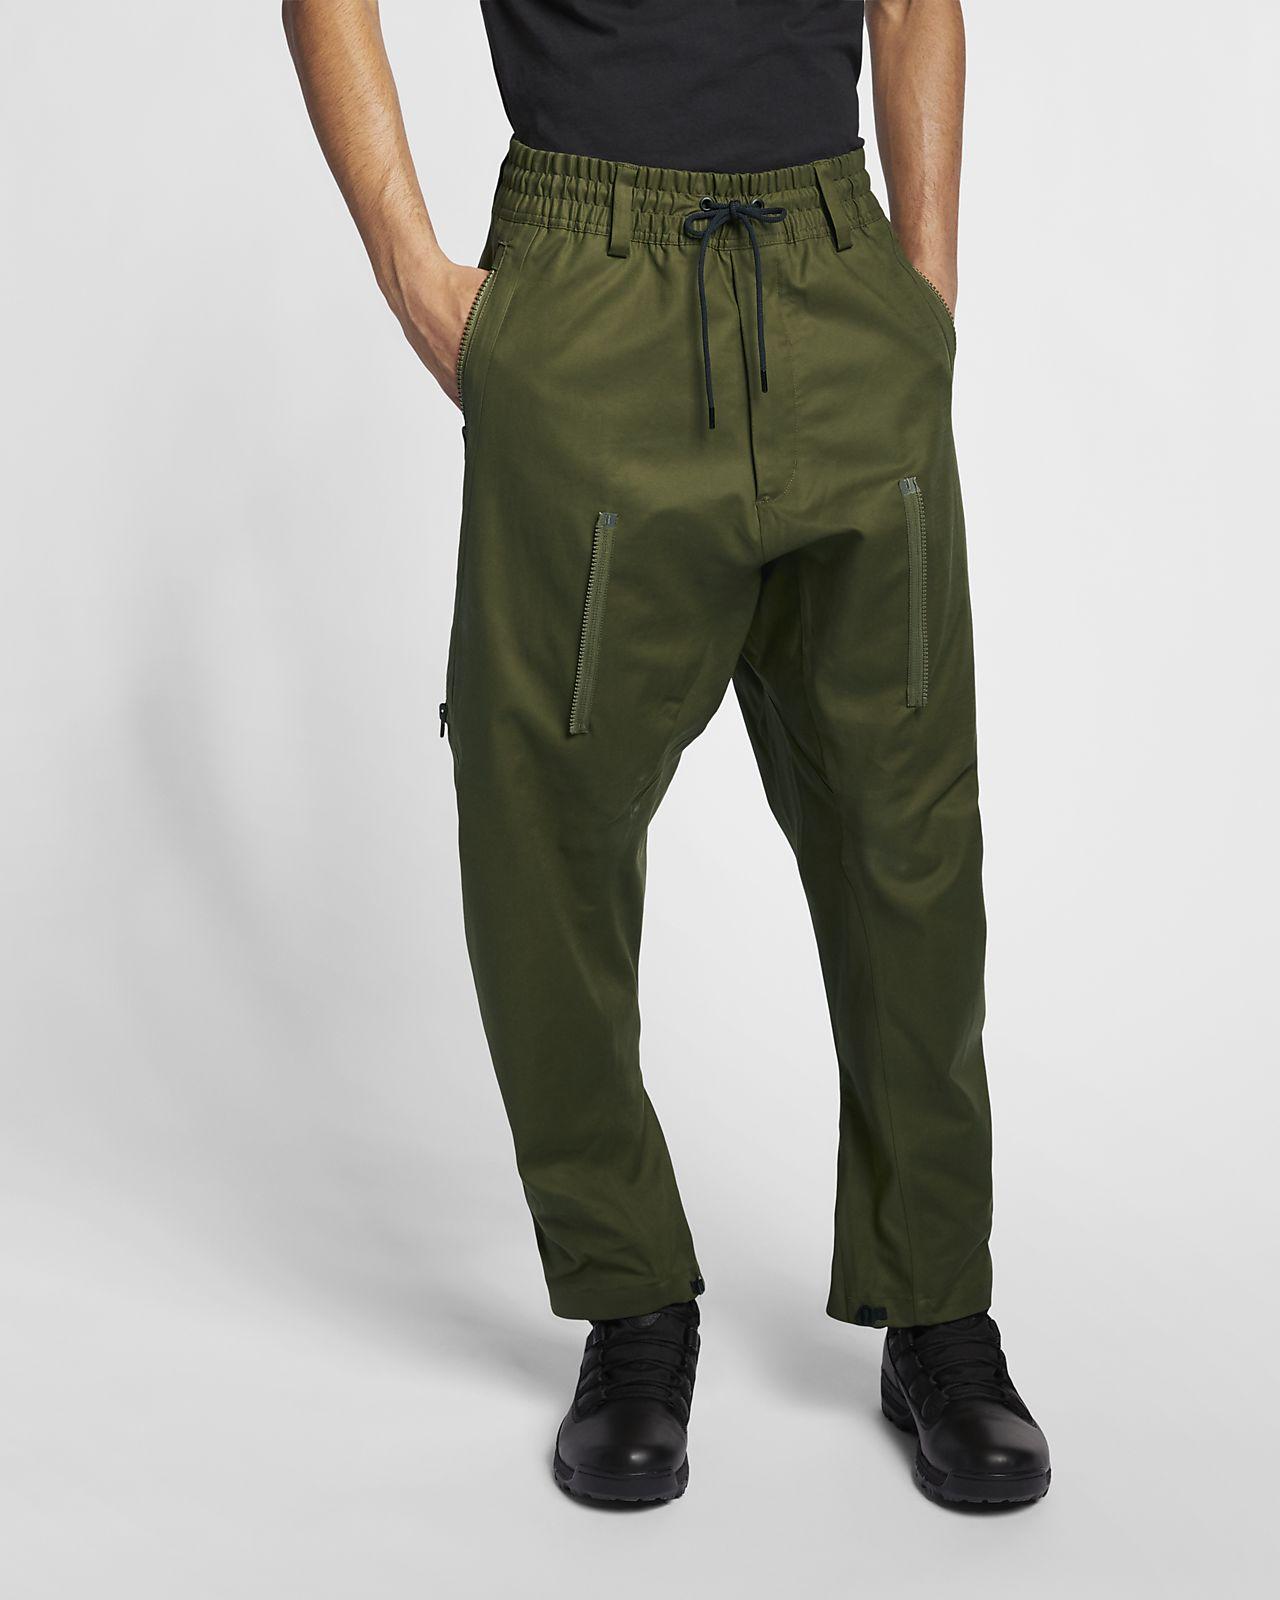 Pantalon cargo NikeLab ACG pour Homme